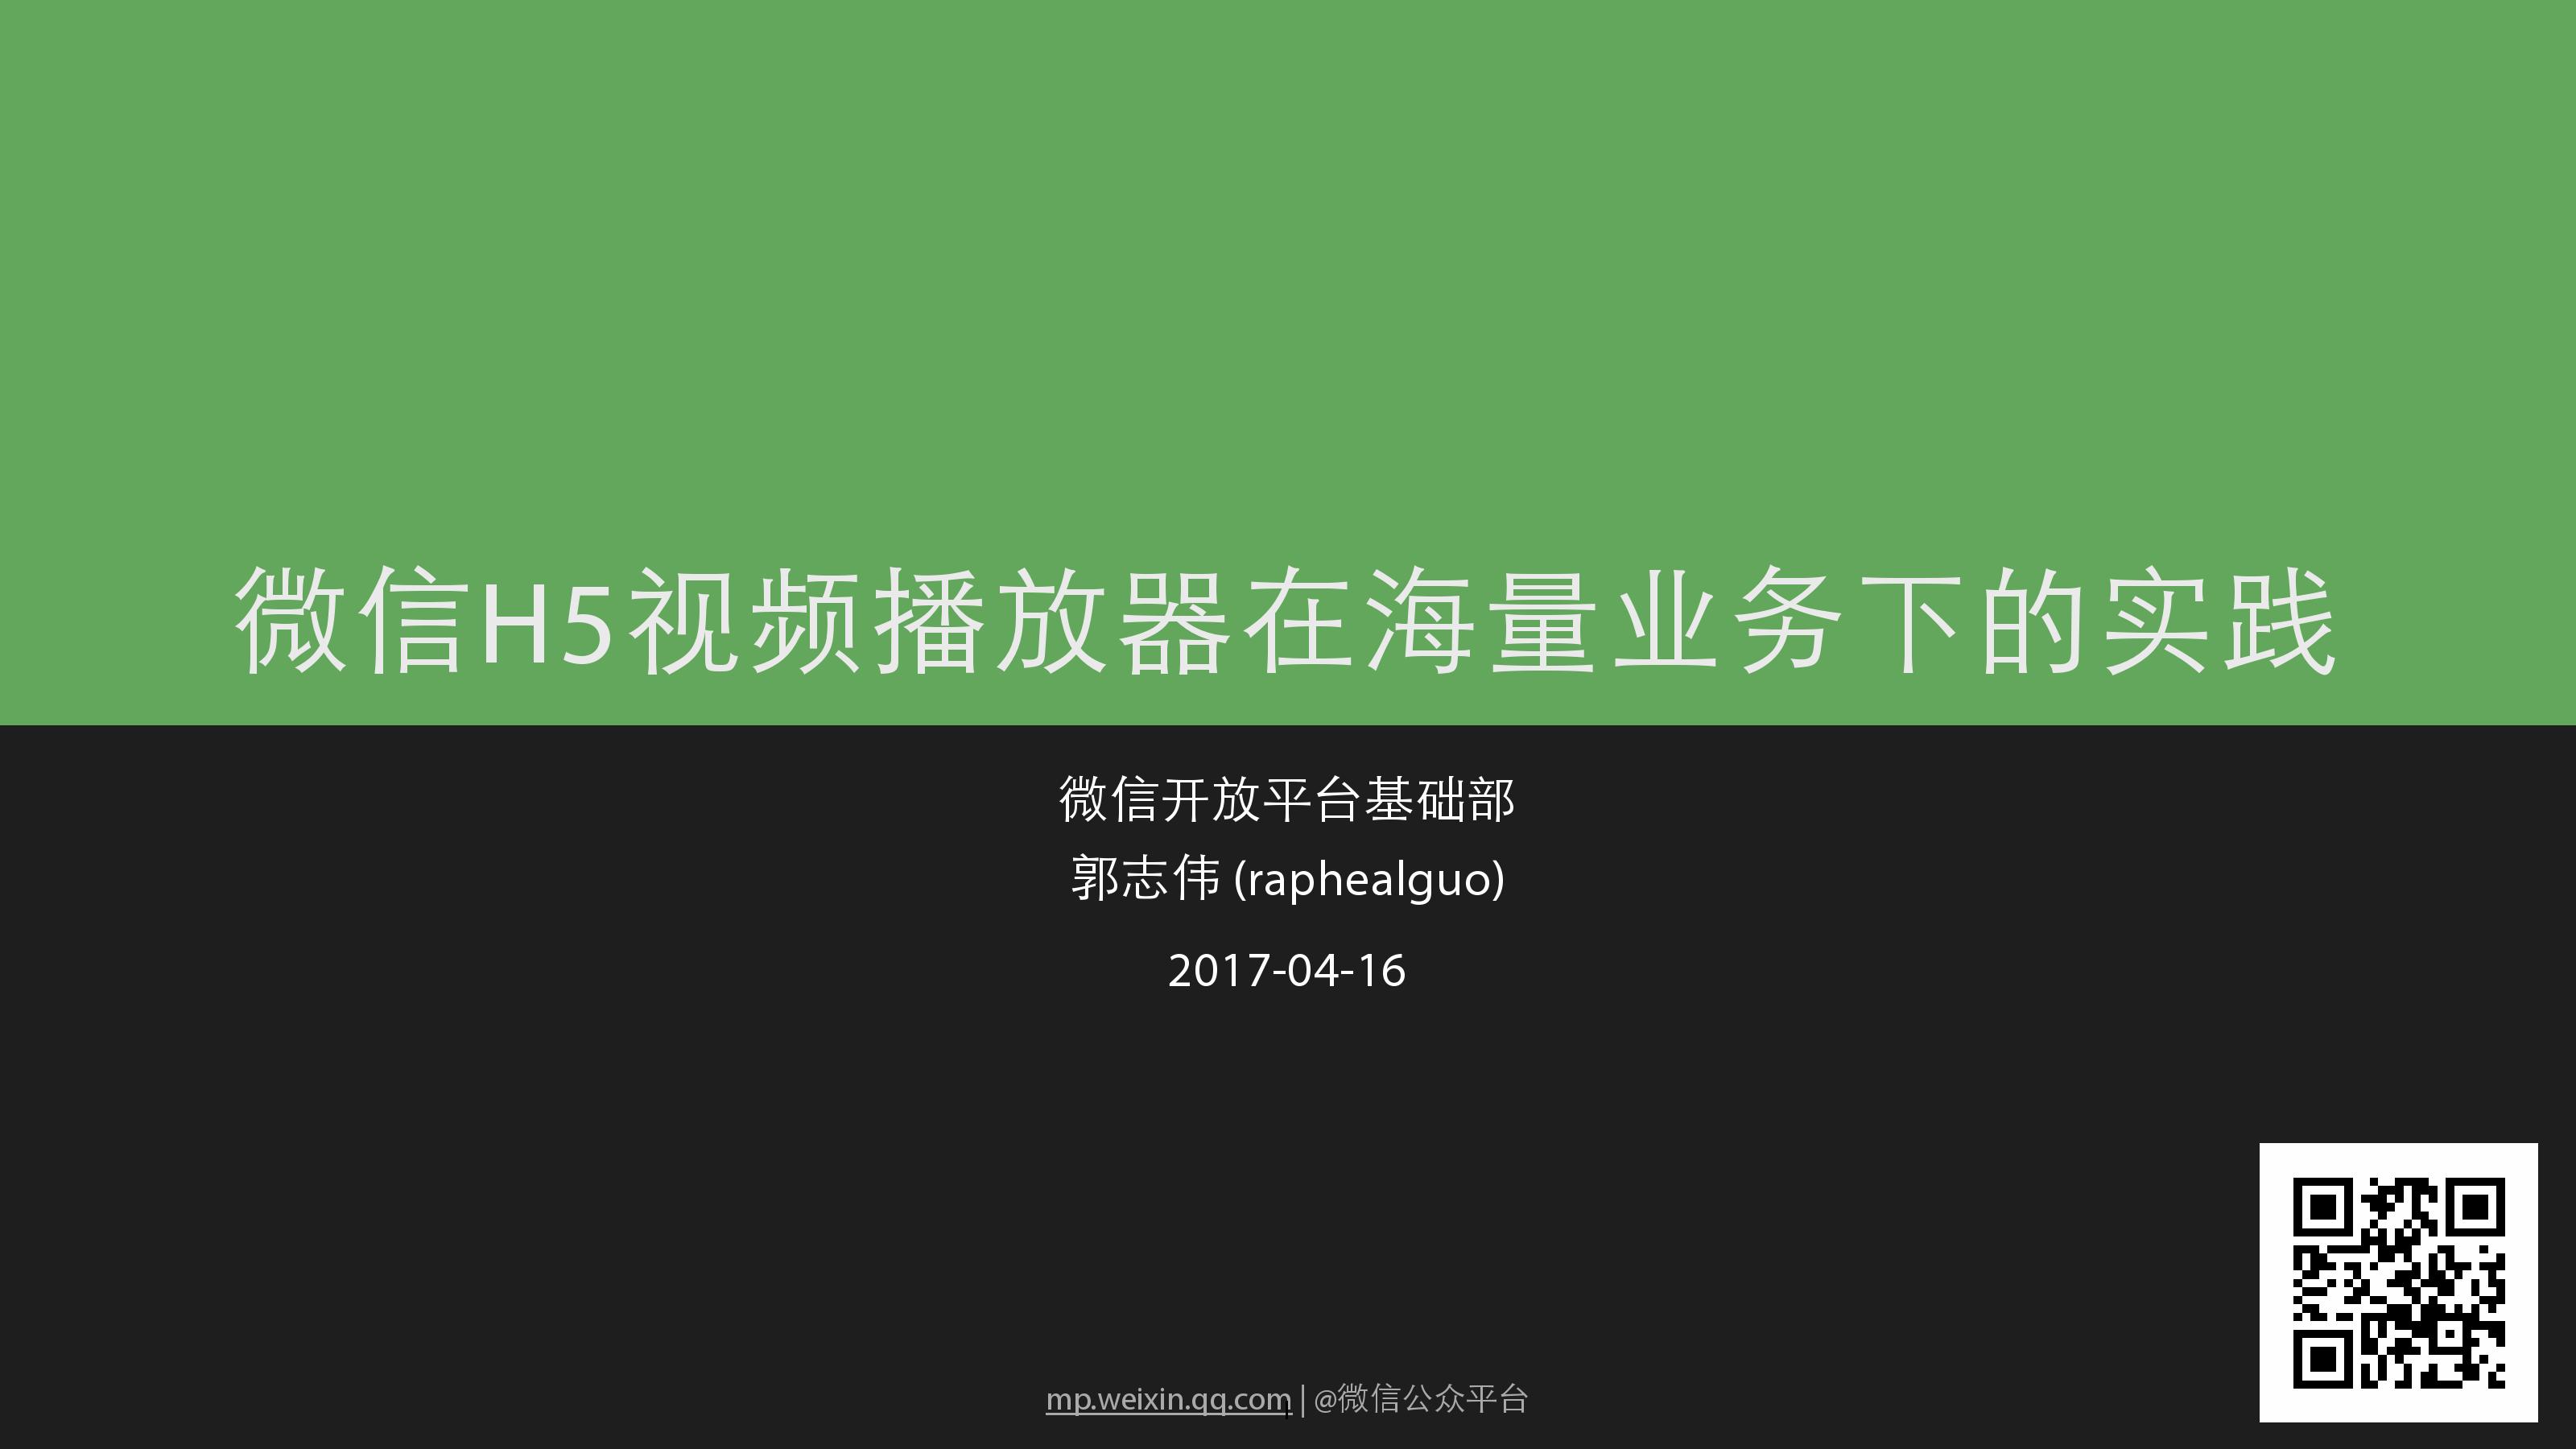 郭志伟-微信H5视频播放器在海量业务下的实践